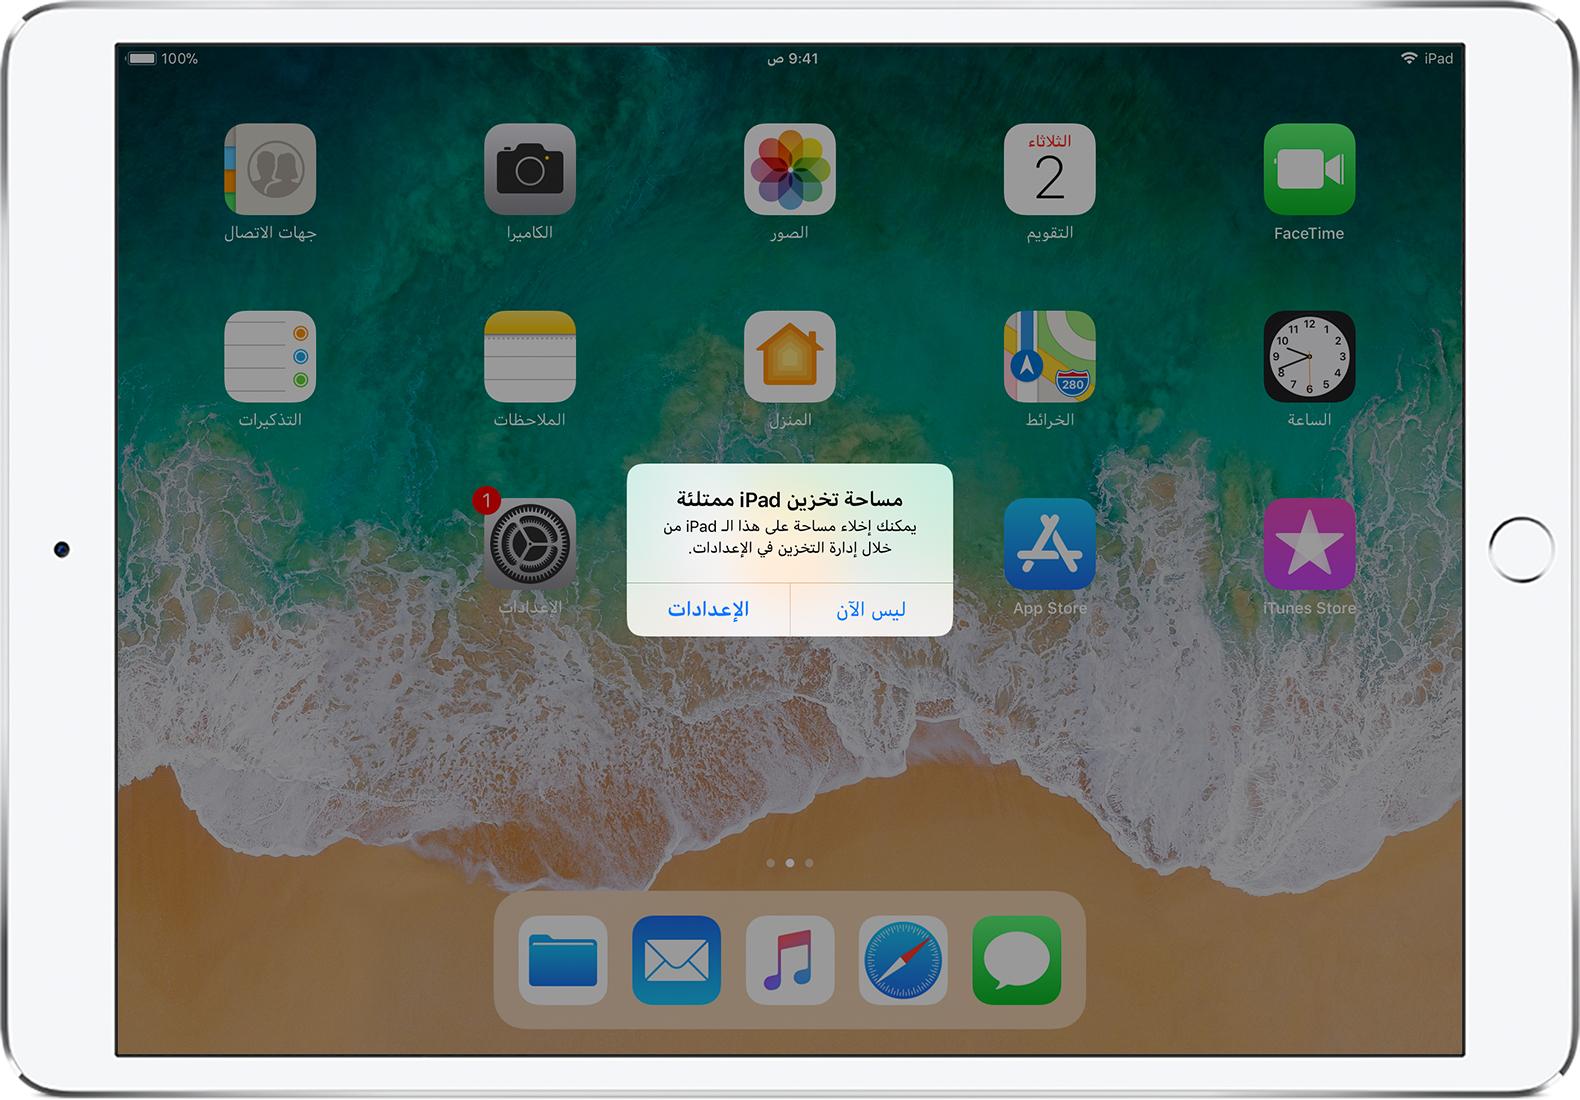 2d49f522e يشغل كل من الصور والموسيقى والتطبيقات، وغير ذلك من أشكال المحتوى الذي  تستخدمه وتستمتع به على iPhone وiPad وiPod touch، مساحة على سعة تخزين جهازك.